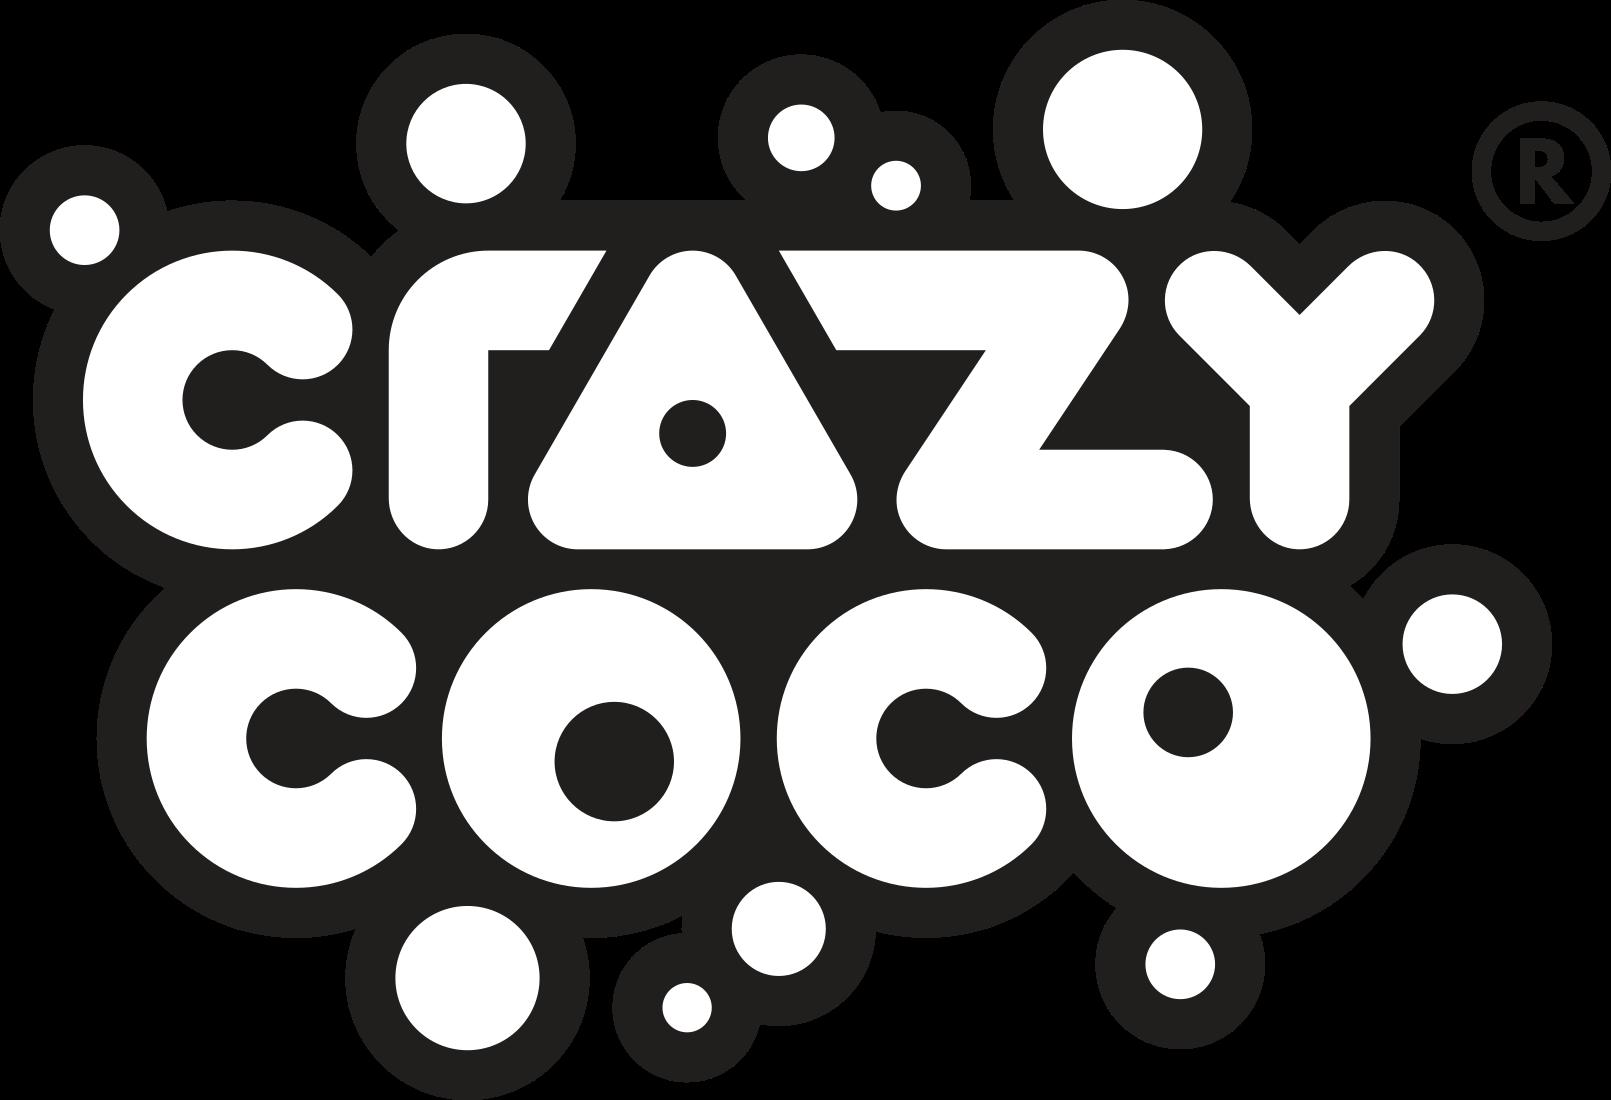 Crazy Coco